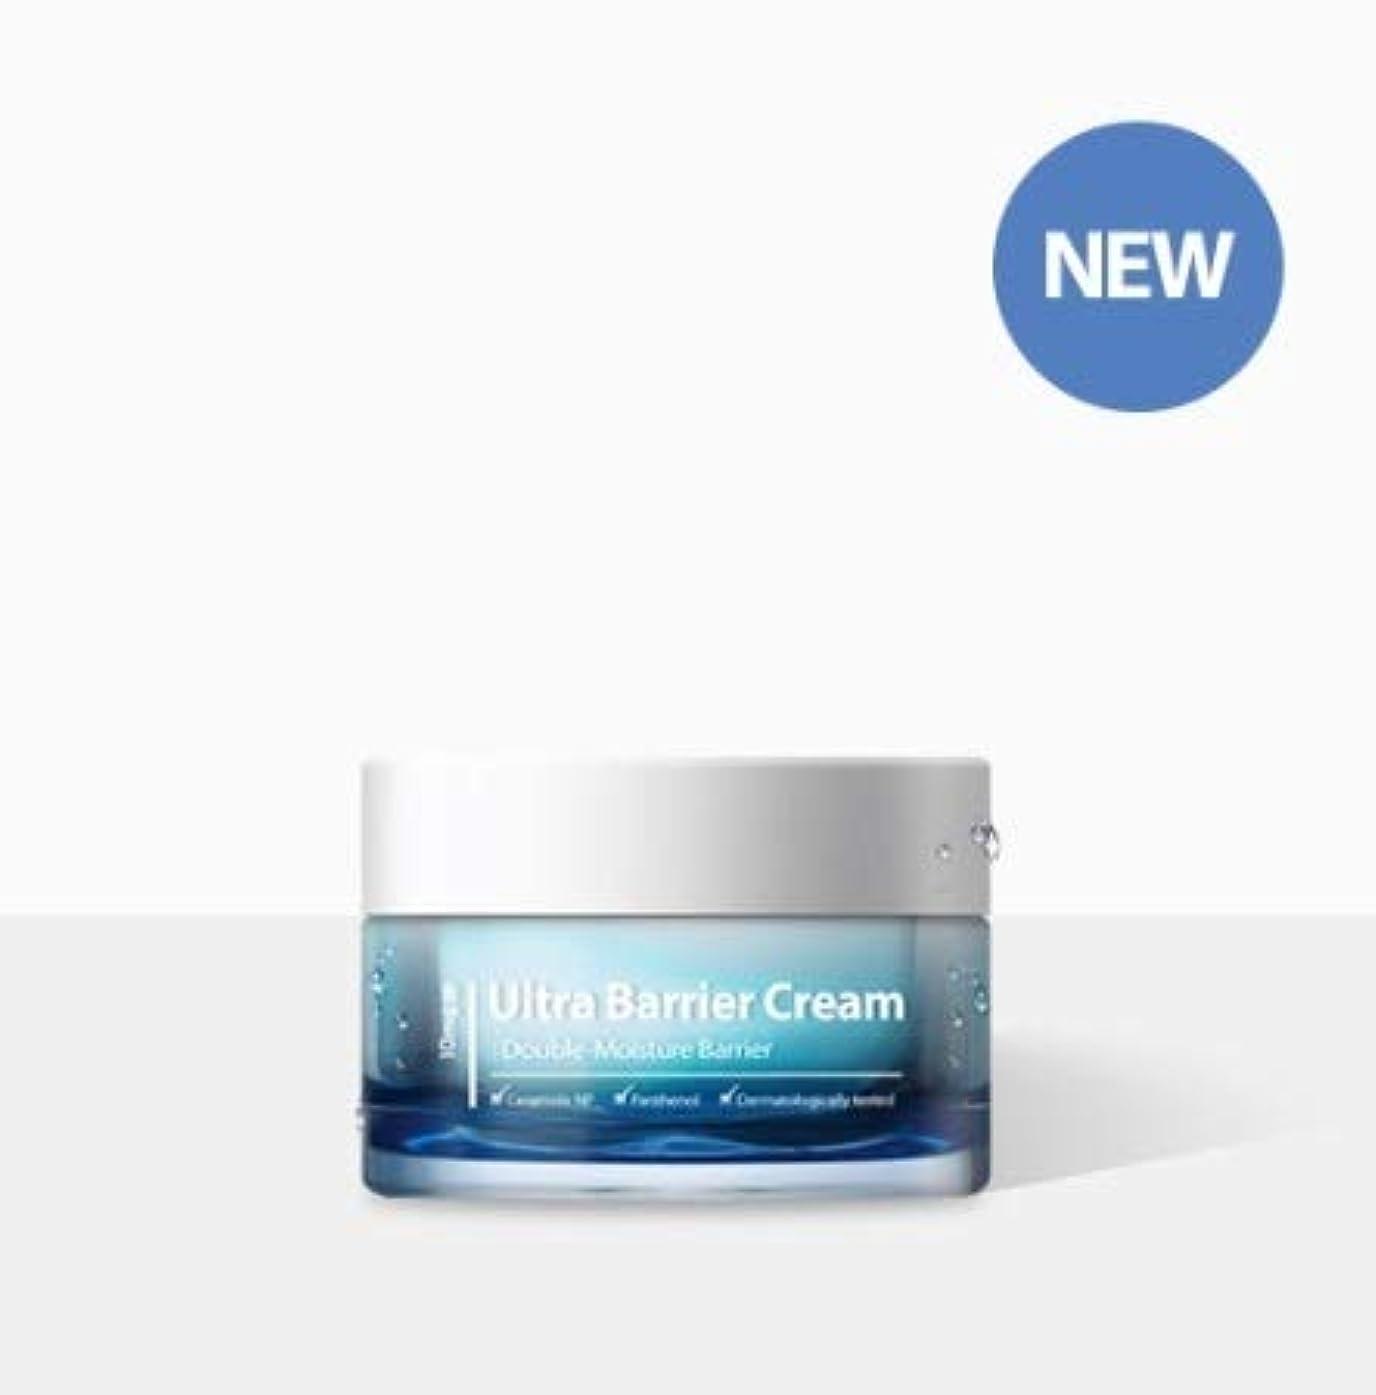 に渡って解くサミットAIDA 10mgRx ウルトラバリアクリーム 50ml (二重防湿バリア) / Ultra Barrier Cream 50ml